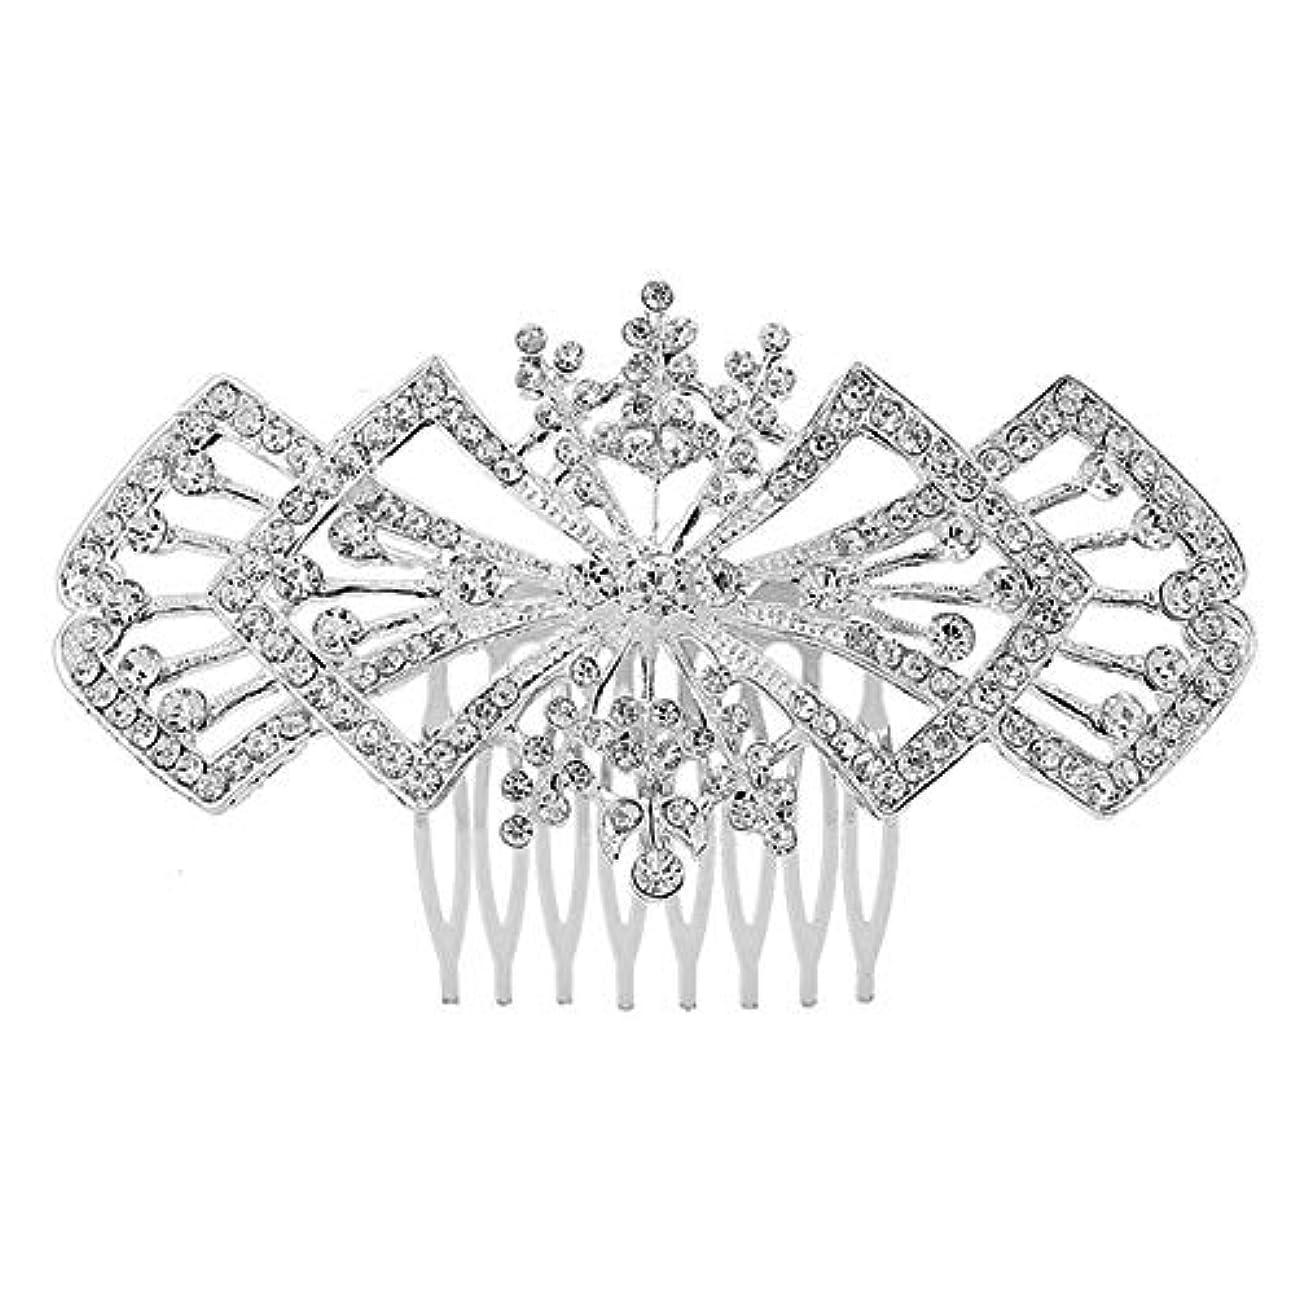 溶かすブラウンボリューム髪の櫛の櫛の櫛の花嫁の髪の櫛の花の髪の櫛のラインストーンの挿入物の櫛の合金の帽子の結婚式の宝石類